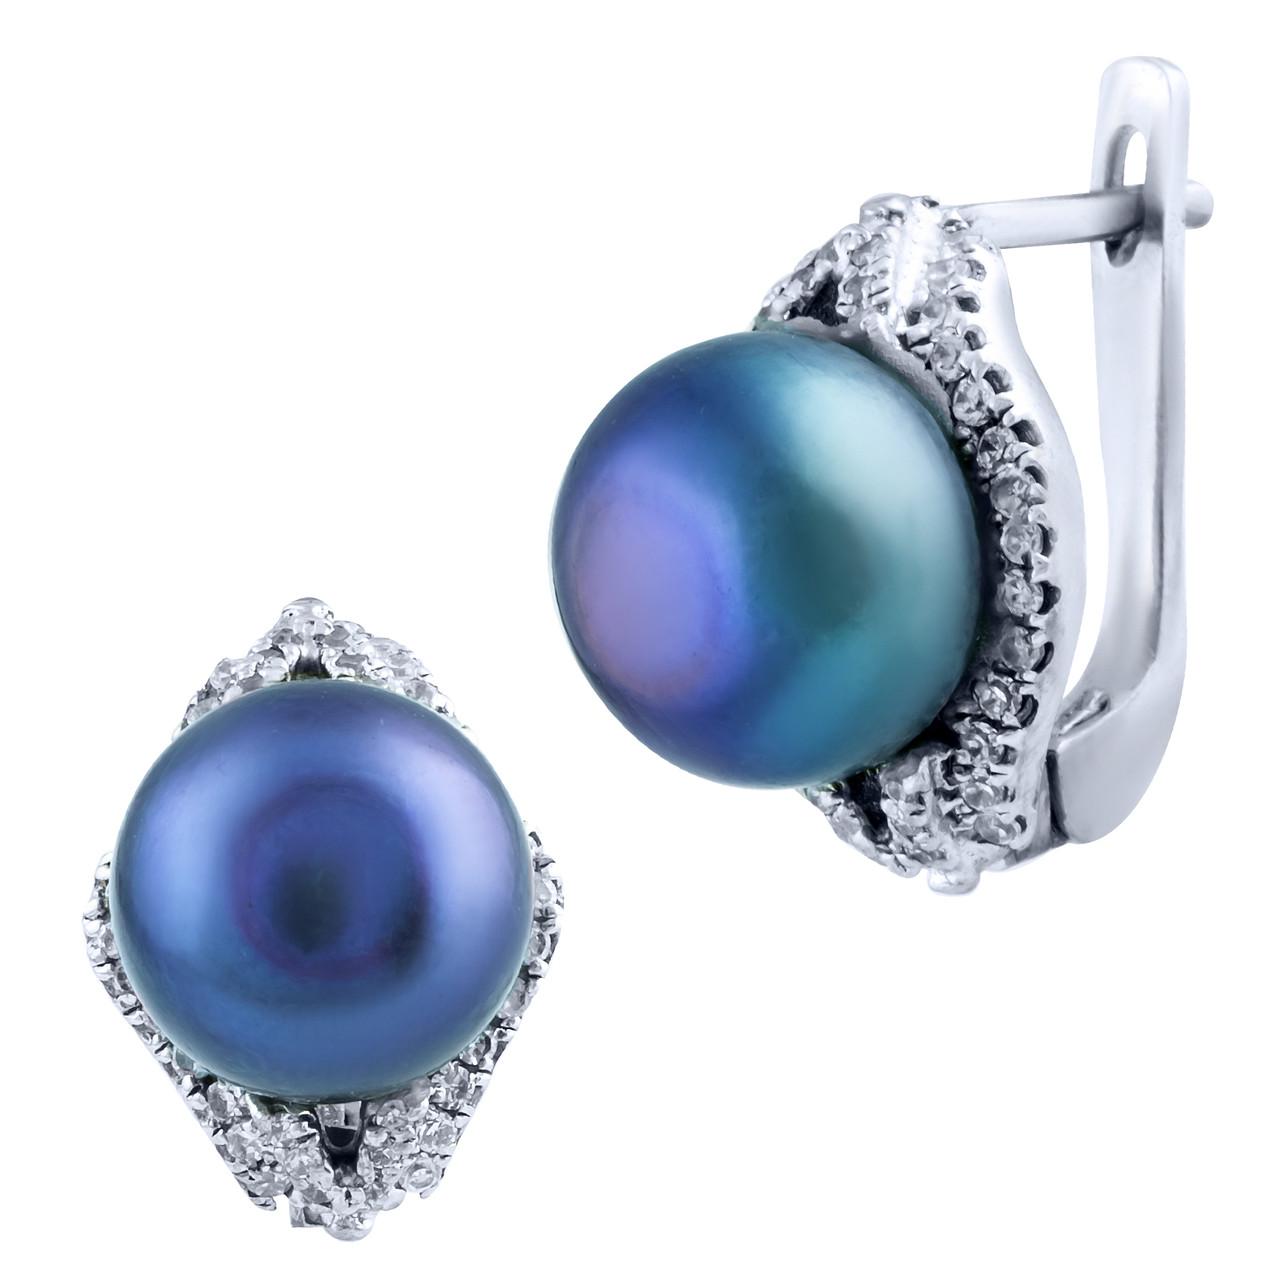 c2232b6deb95 Родированые серебряные серьги 925 пробы с натуральным жемчугом - Fashion  Jewelry в Киеве